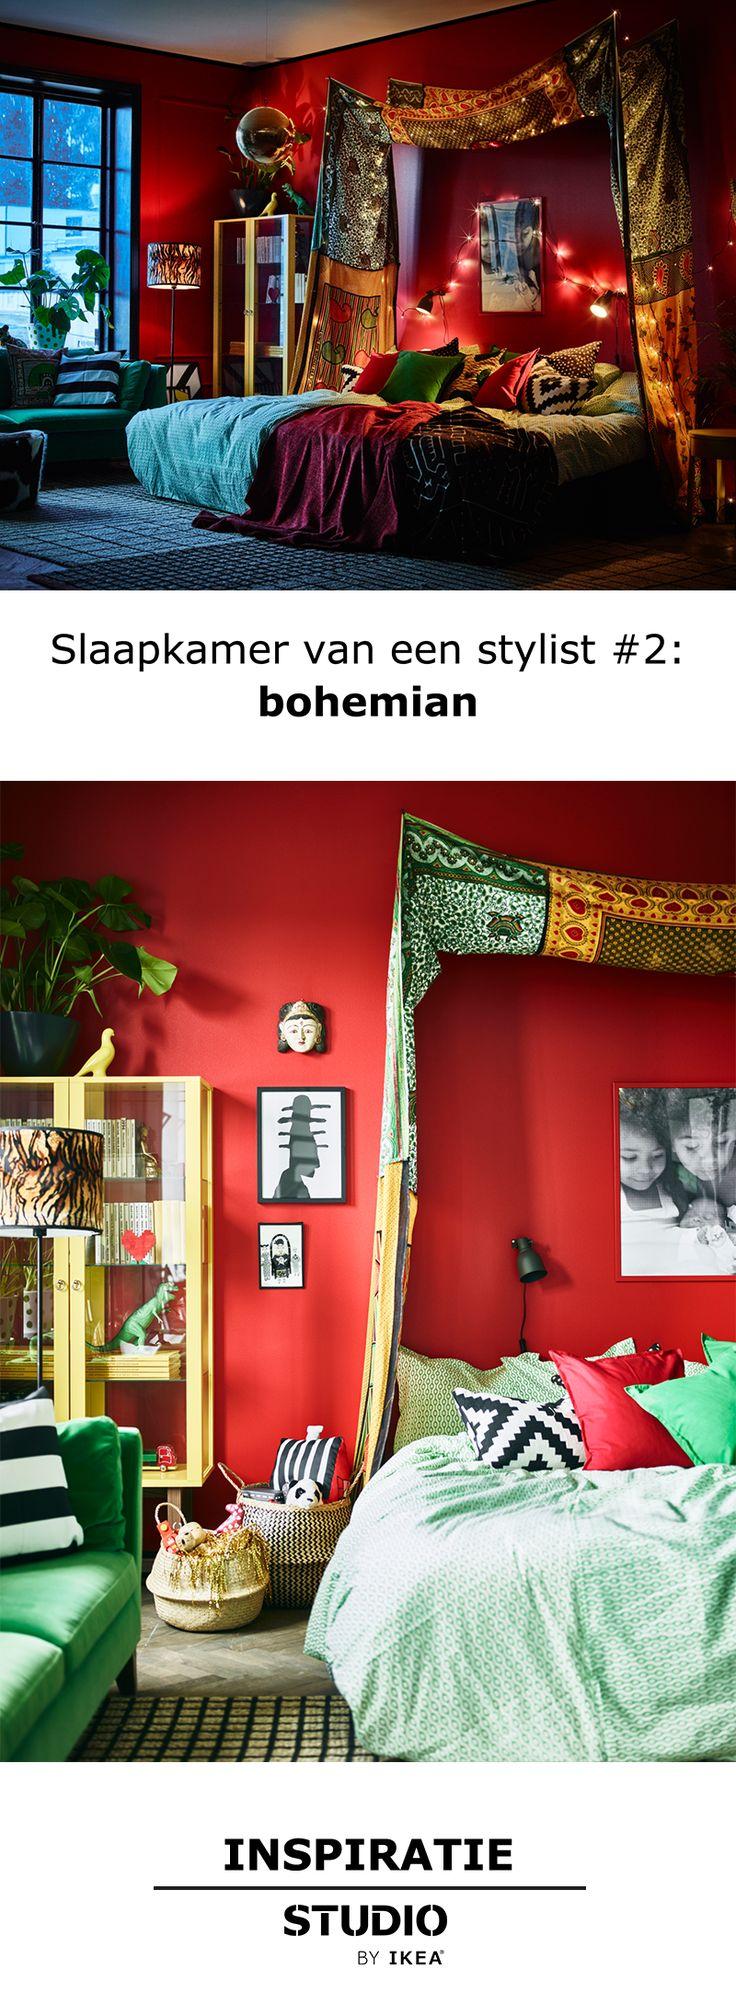 Inspiratie - Slaapkamer van een stylist: bohemian | STUDIObyIKEA IKEA IKEAnl IKEANederland slaapkamer slapen bed kleur kleurrijk primair groen rood geel bohemian